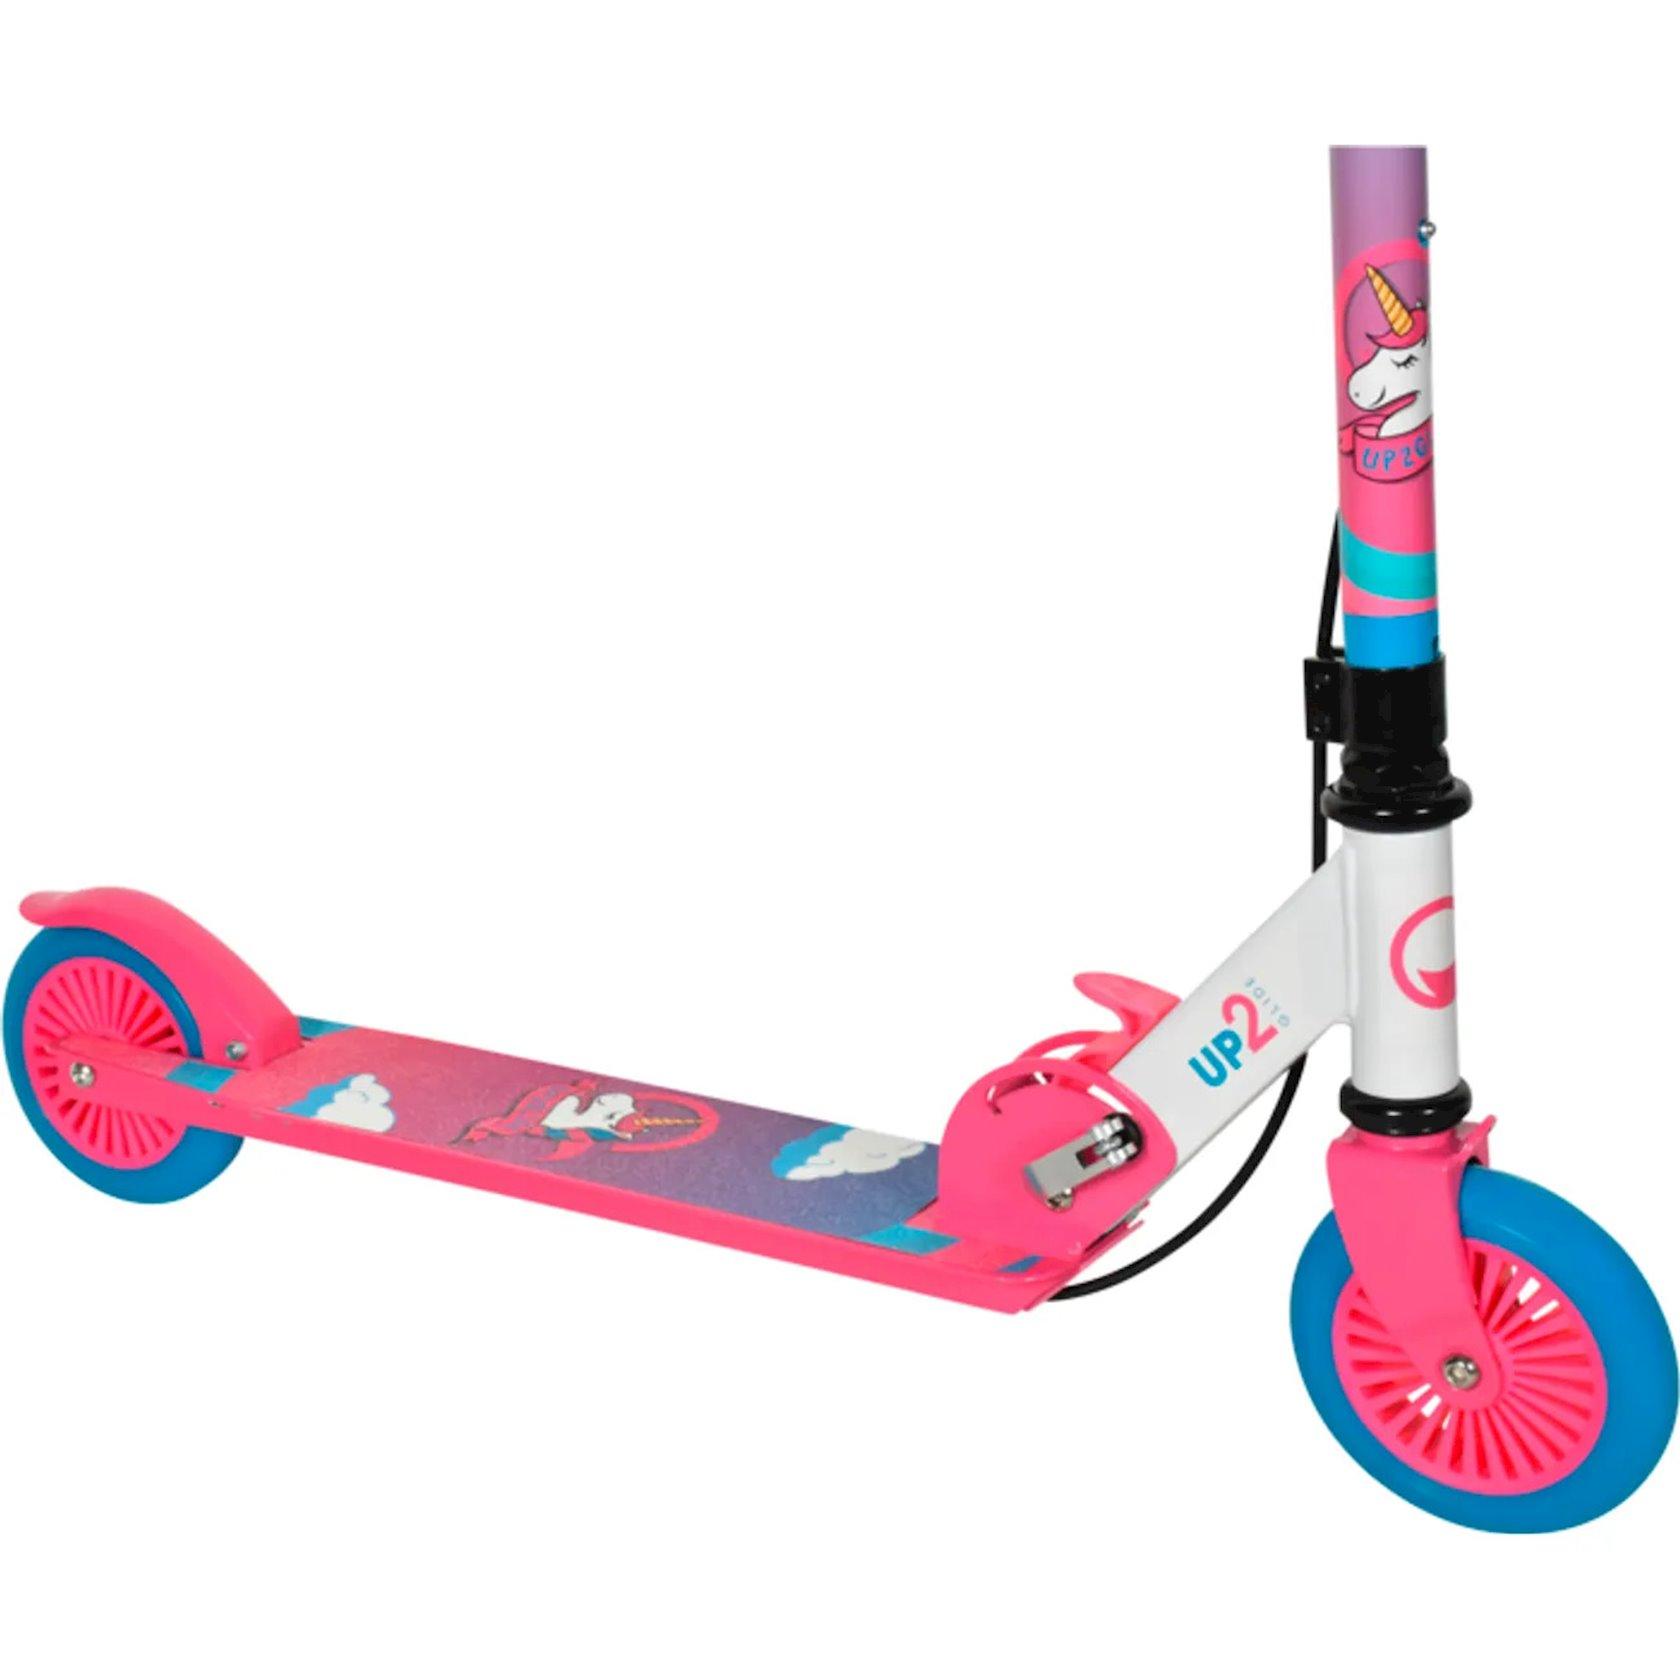 Samokat-kikbord Up2glide Fun & Safe Unicorn, uşaqlar üçün, 6 yaşdan, maksimal çəki 50kq, çəhrayı